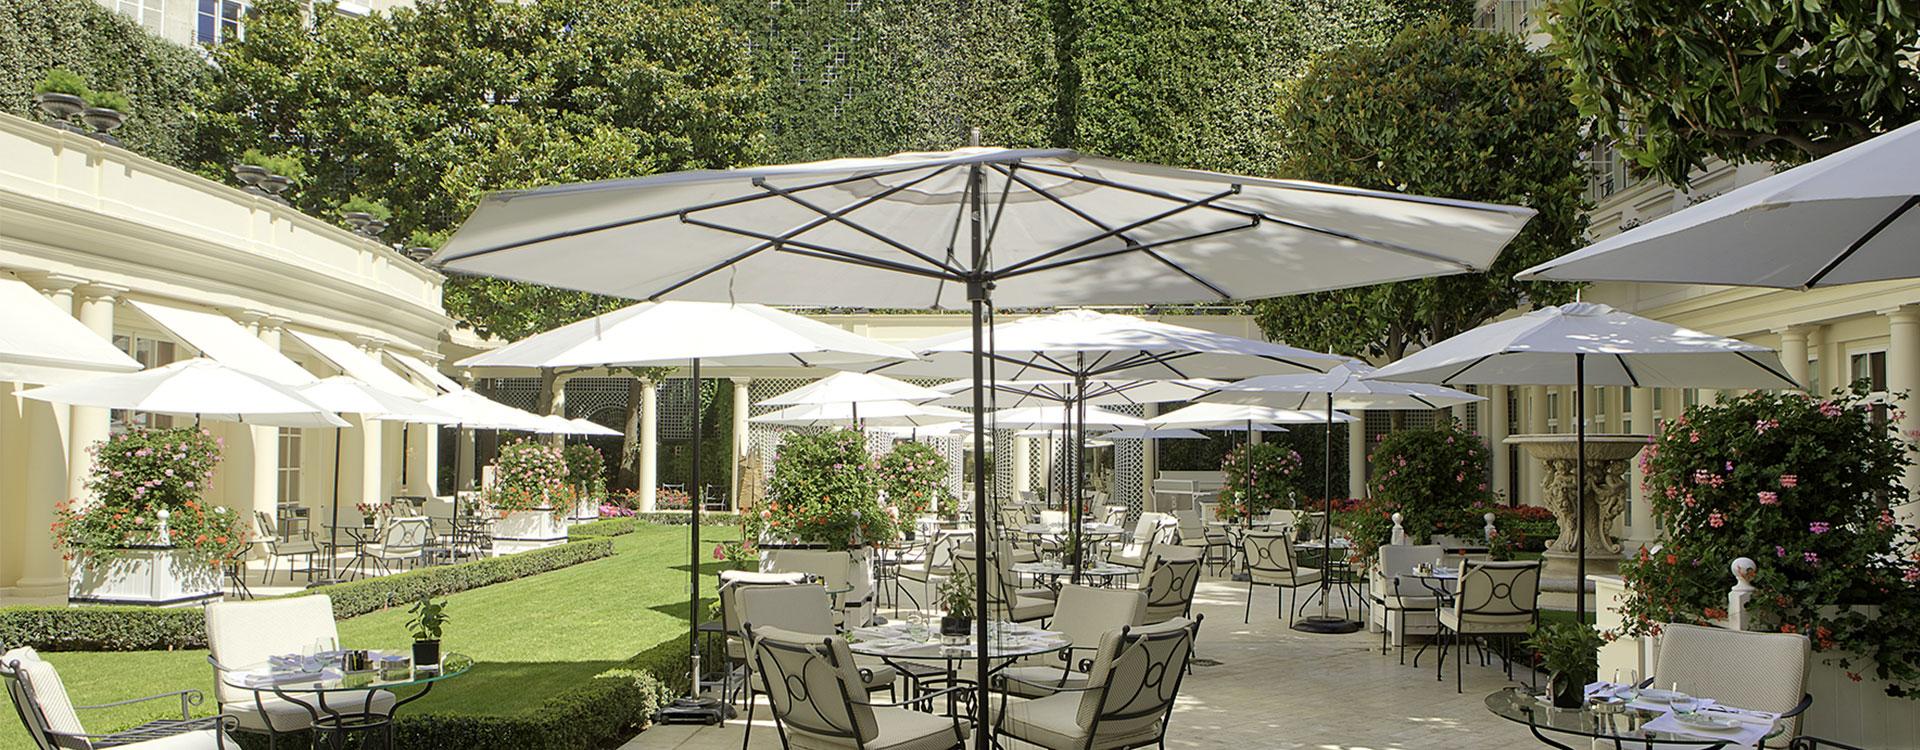 Le Jardin Français - Restaurant in Paris | Le Bristol